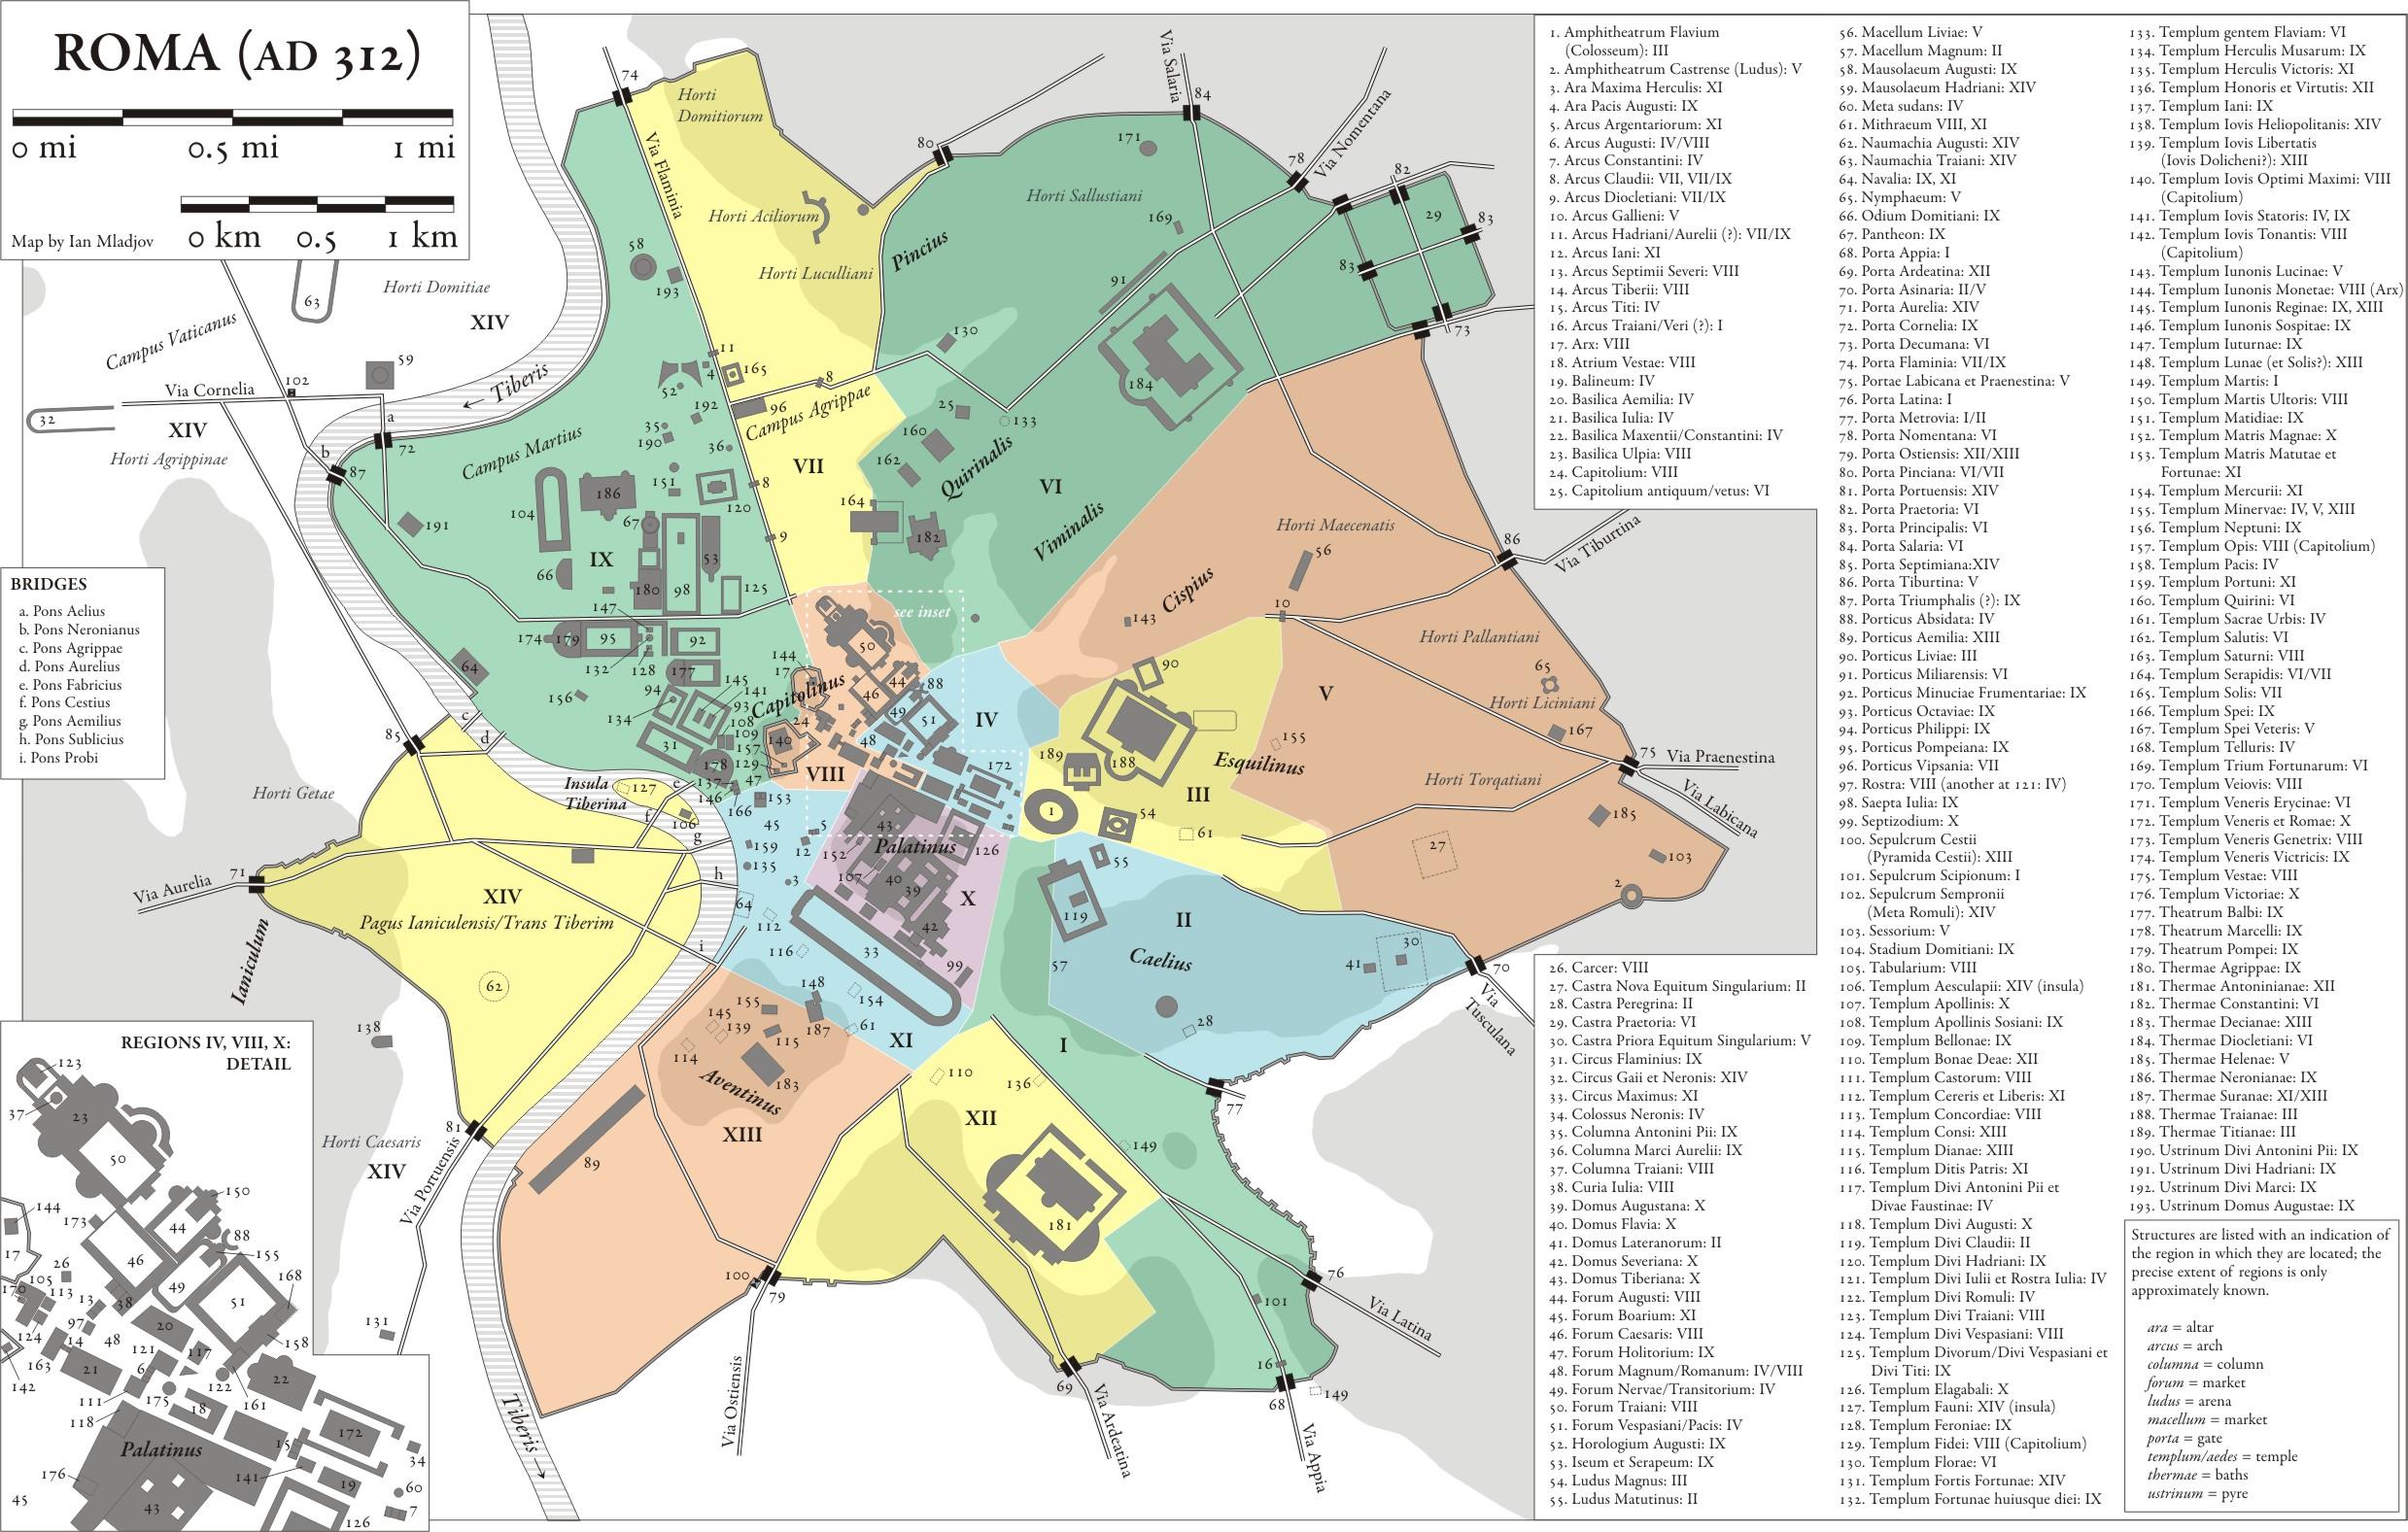 regiones-romae.jpg